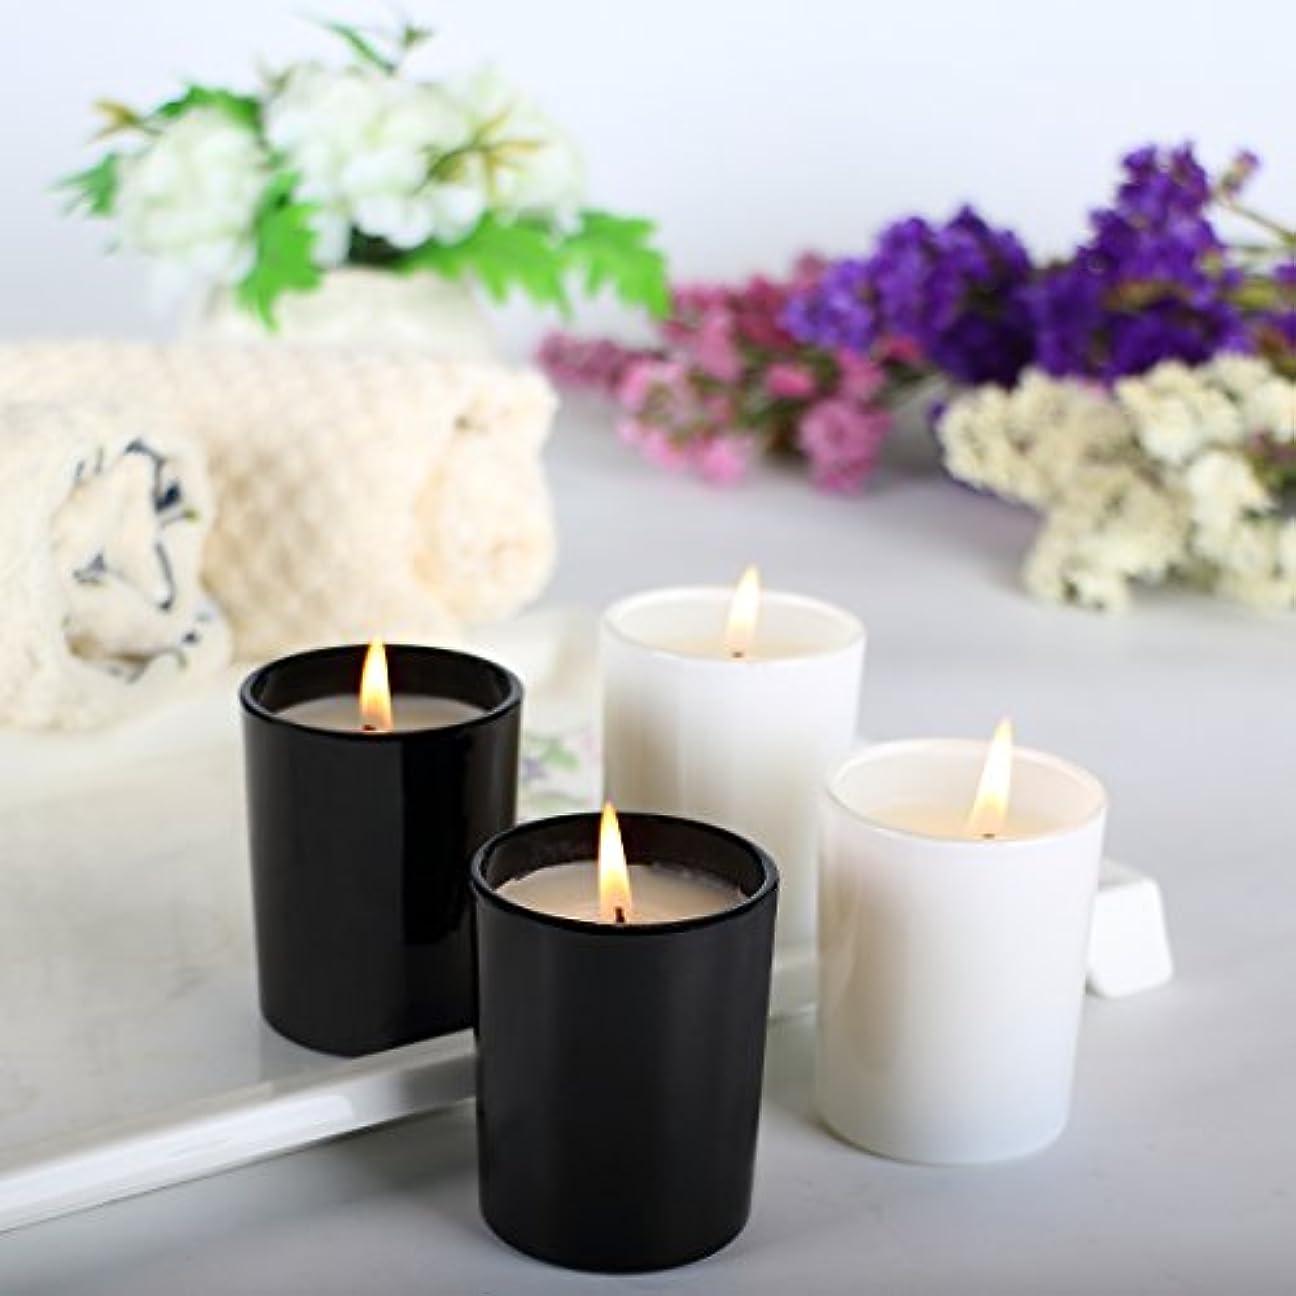 れるに向かって姿を消す(4 70ml) - Scented Candle, Pack 4 Candles - Includes Gardenia, Lemongrass, Pine, Vanilla Soy Candles for Stress Relief, Christmas Gift